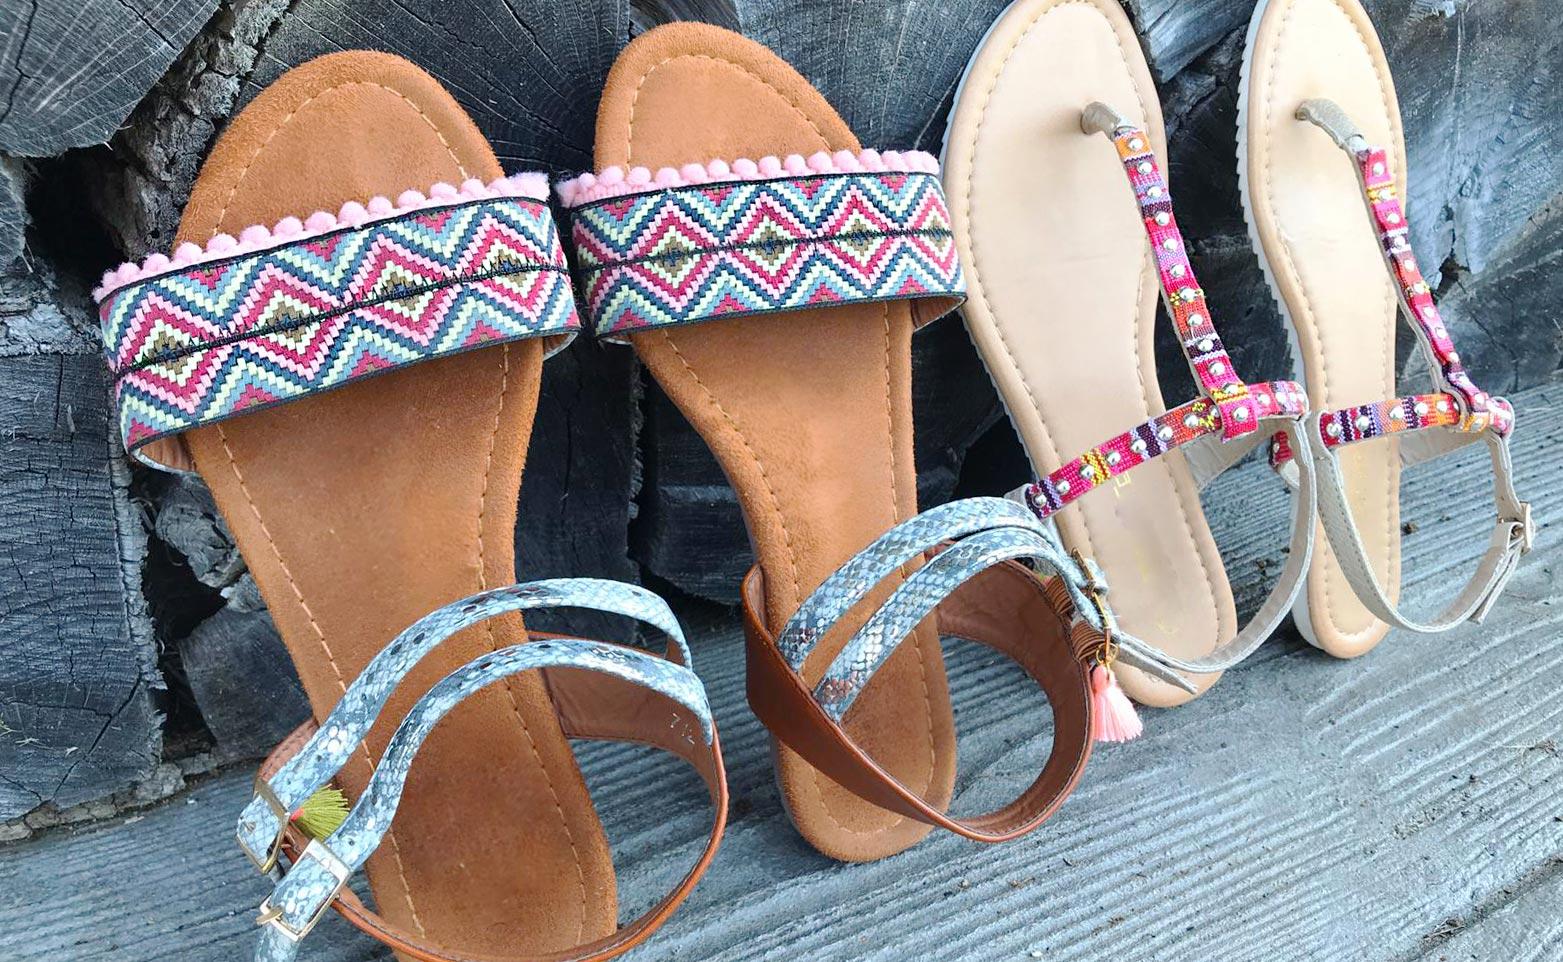 tapacosturas-para-decorar-sandalias-y-otras-prendas-verano